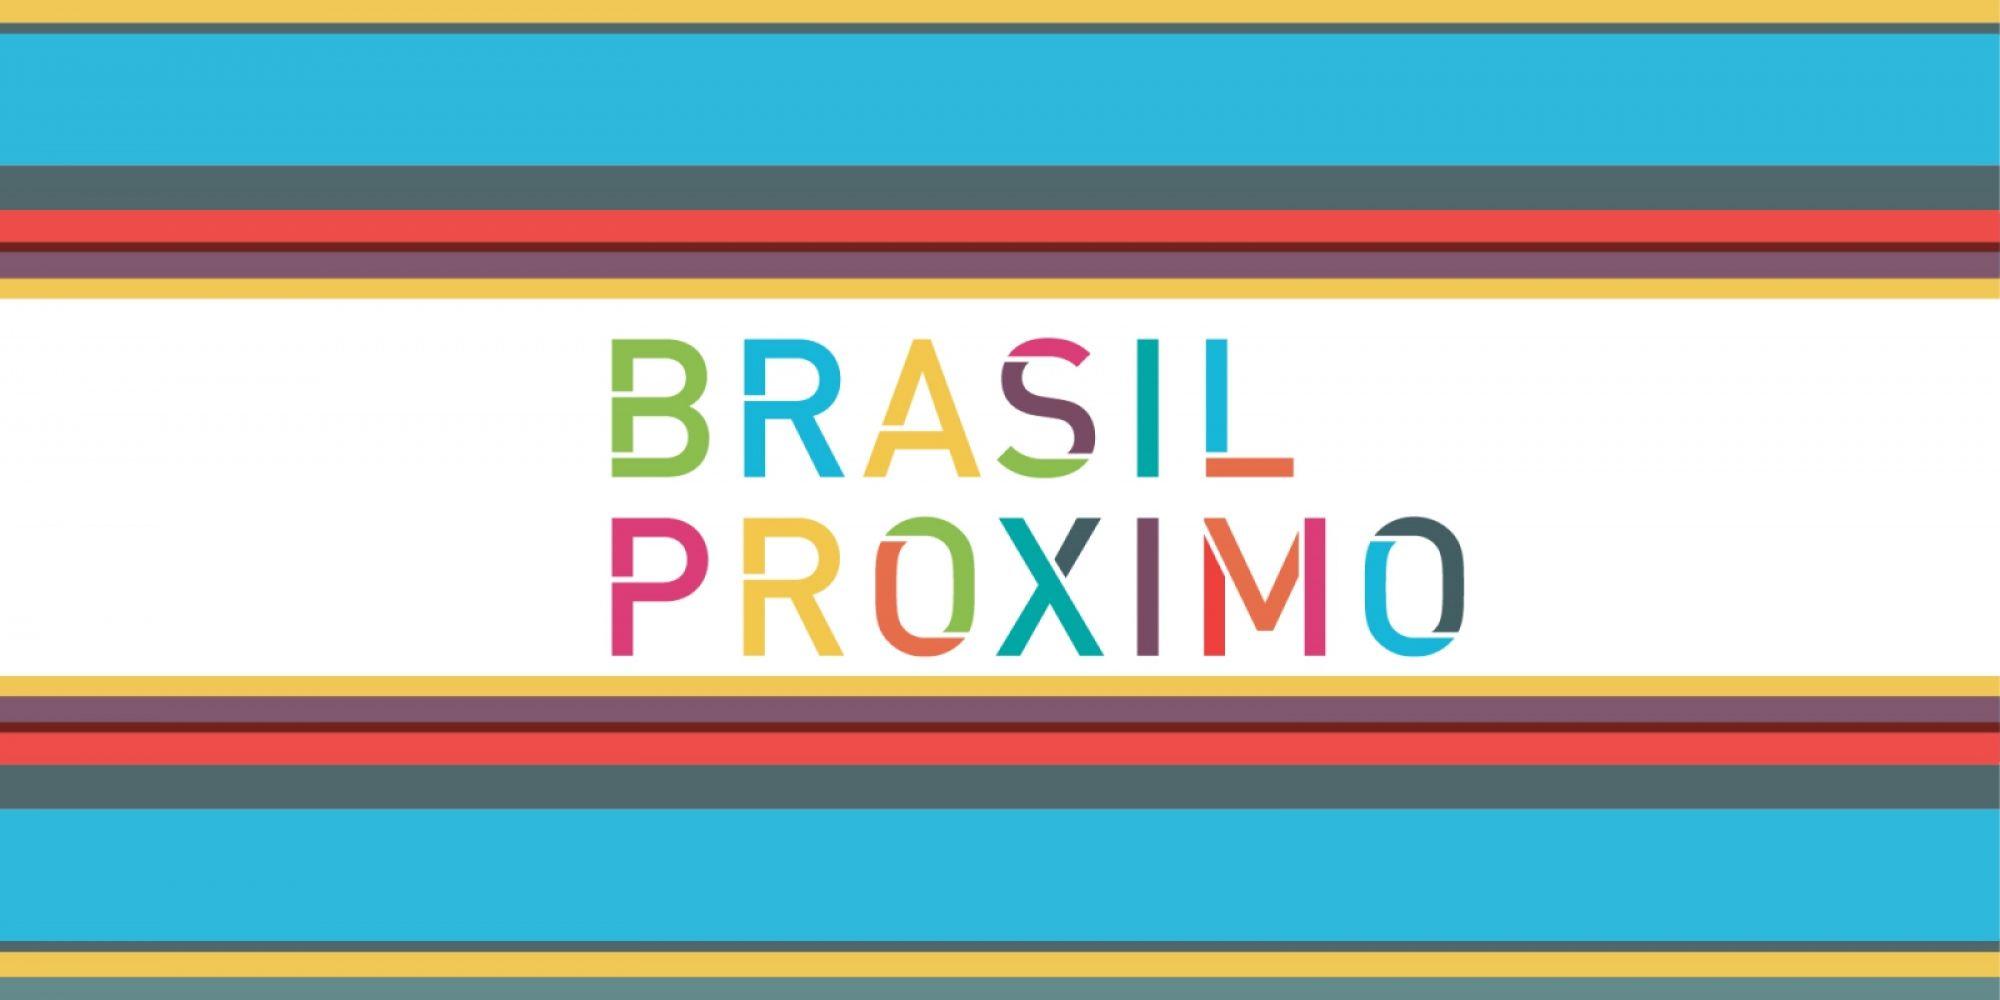 Brasil Proximo - Cinco regiões italianas para o desenvolvimento integrado no Brasil